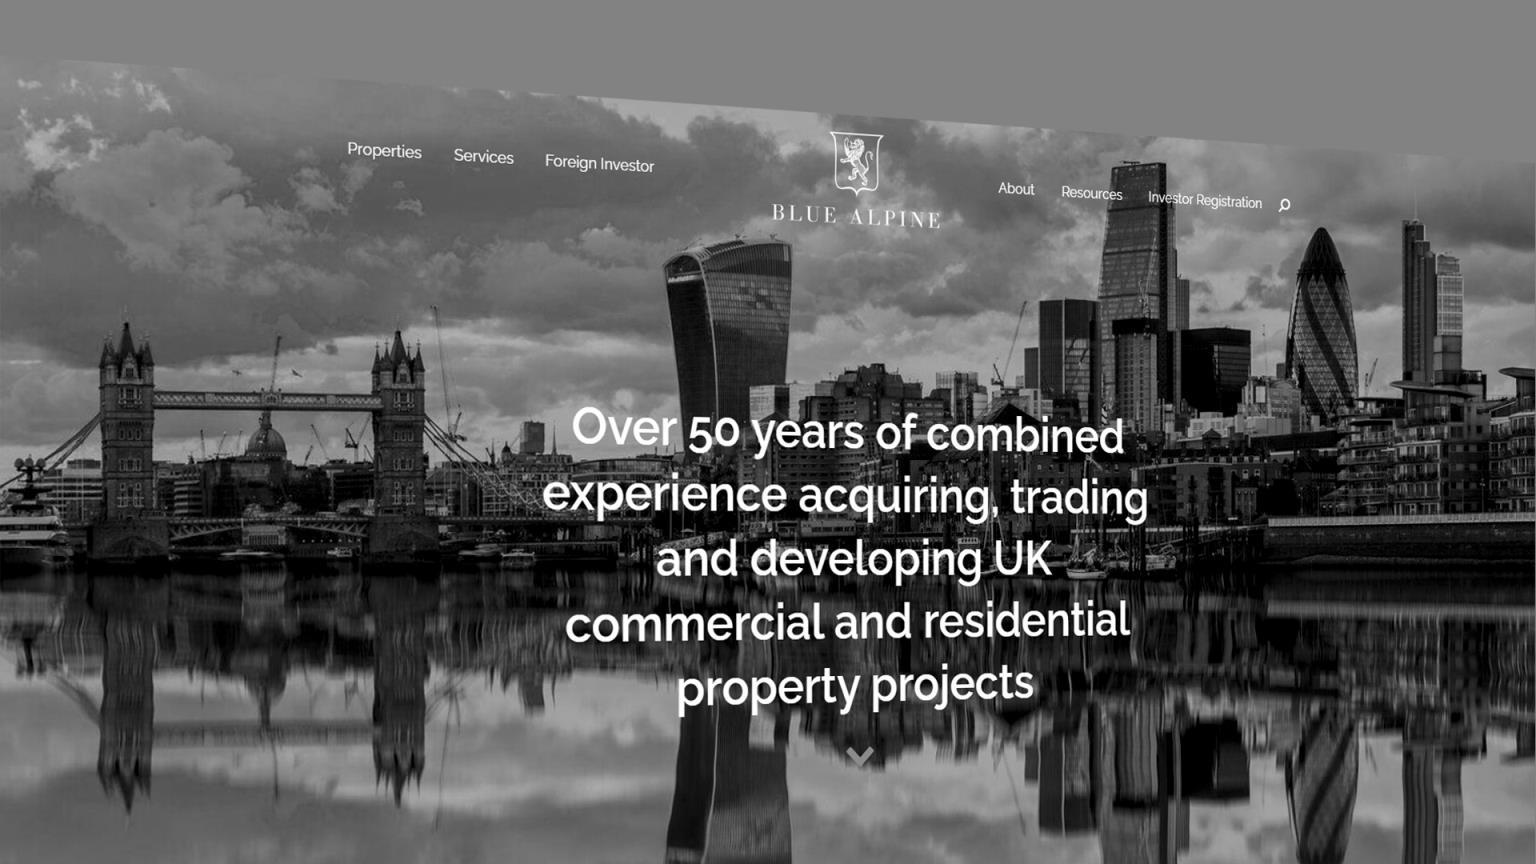 【英国房产新闻】蓝阿尔卑斯山的增长继续与理查德摩根MRICS加入团队